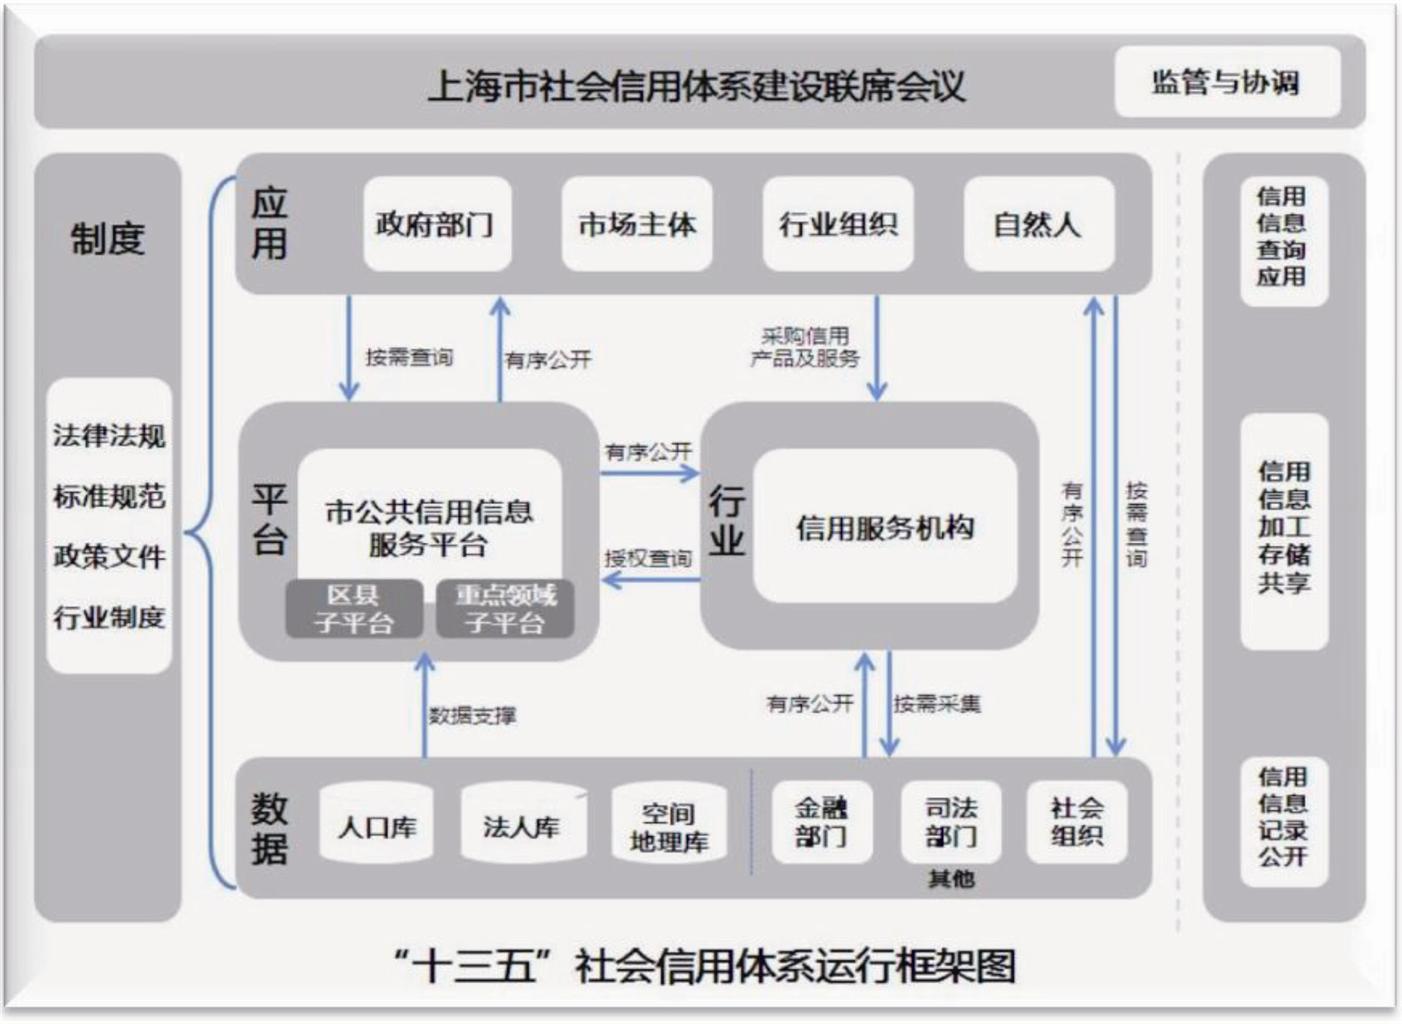 行政事业单位组织结构图